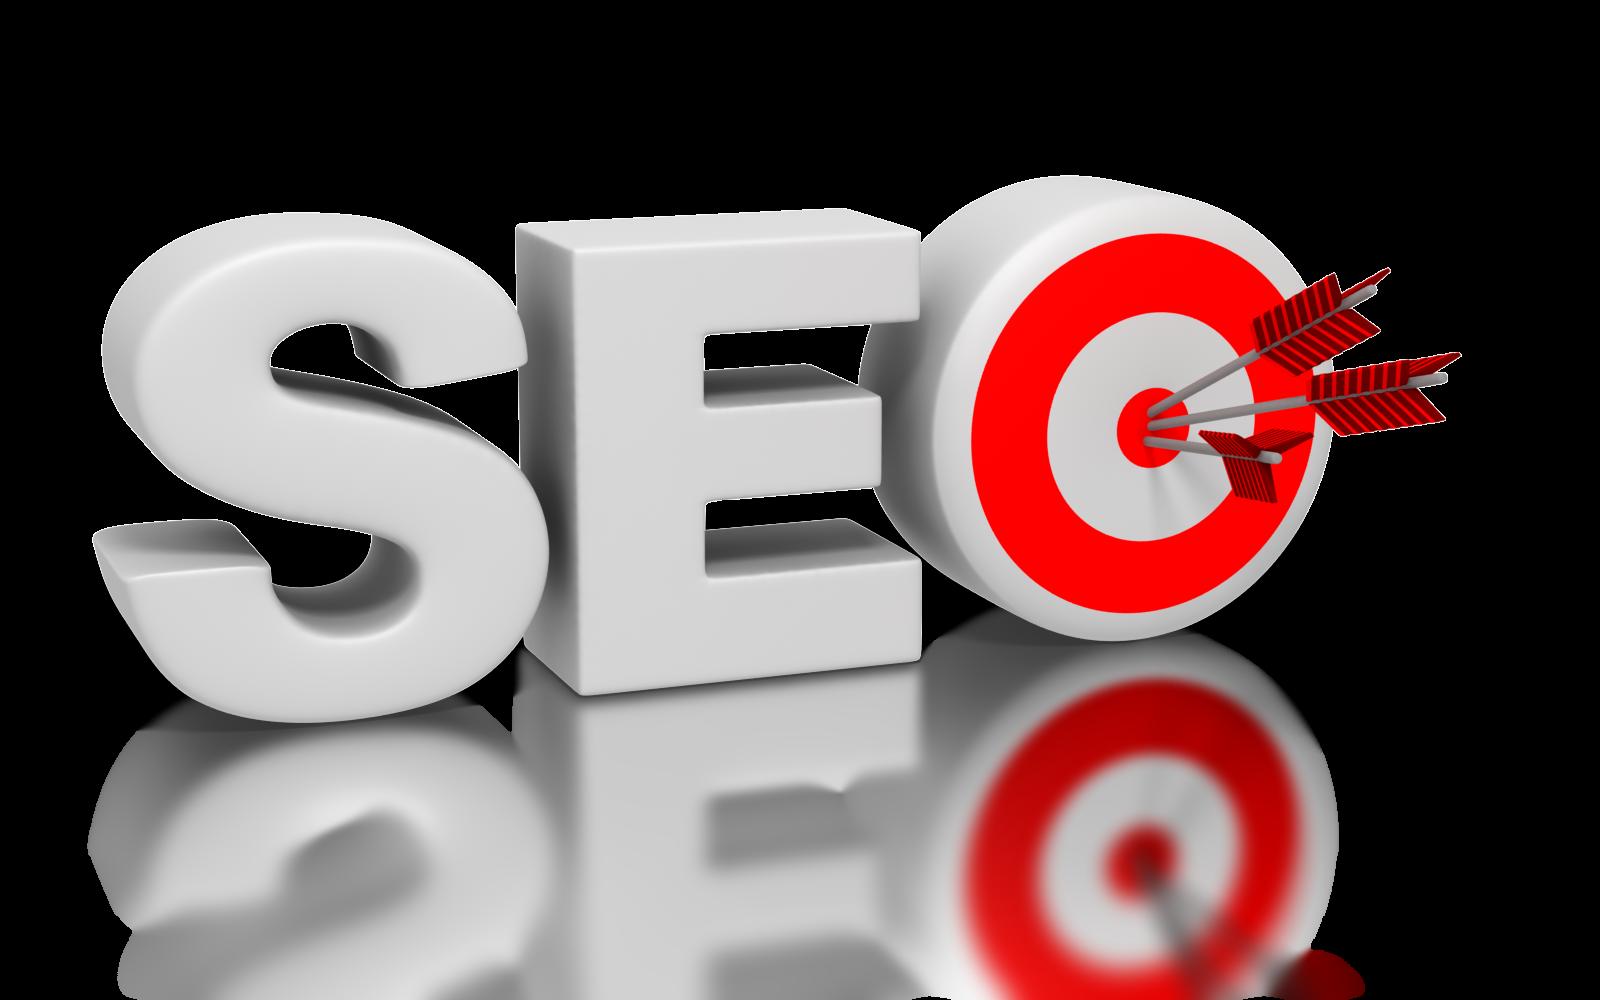 Diccionario Marketing, SEO y SEM .... presionar un par de botones (que pueden ser totalmente digitales, como en las pantallas táctiles).